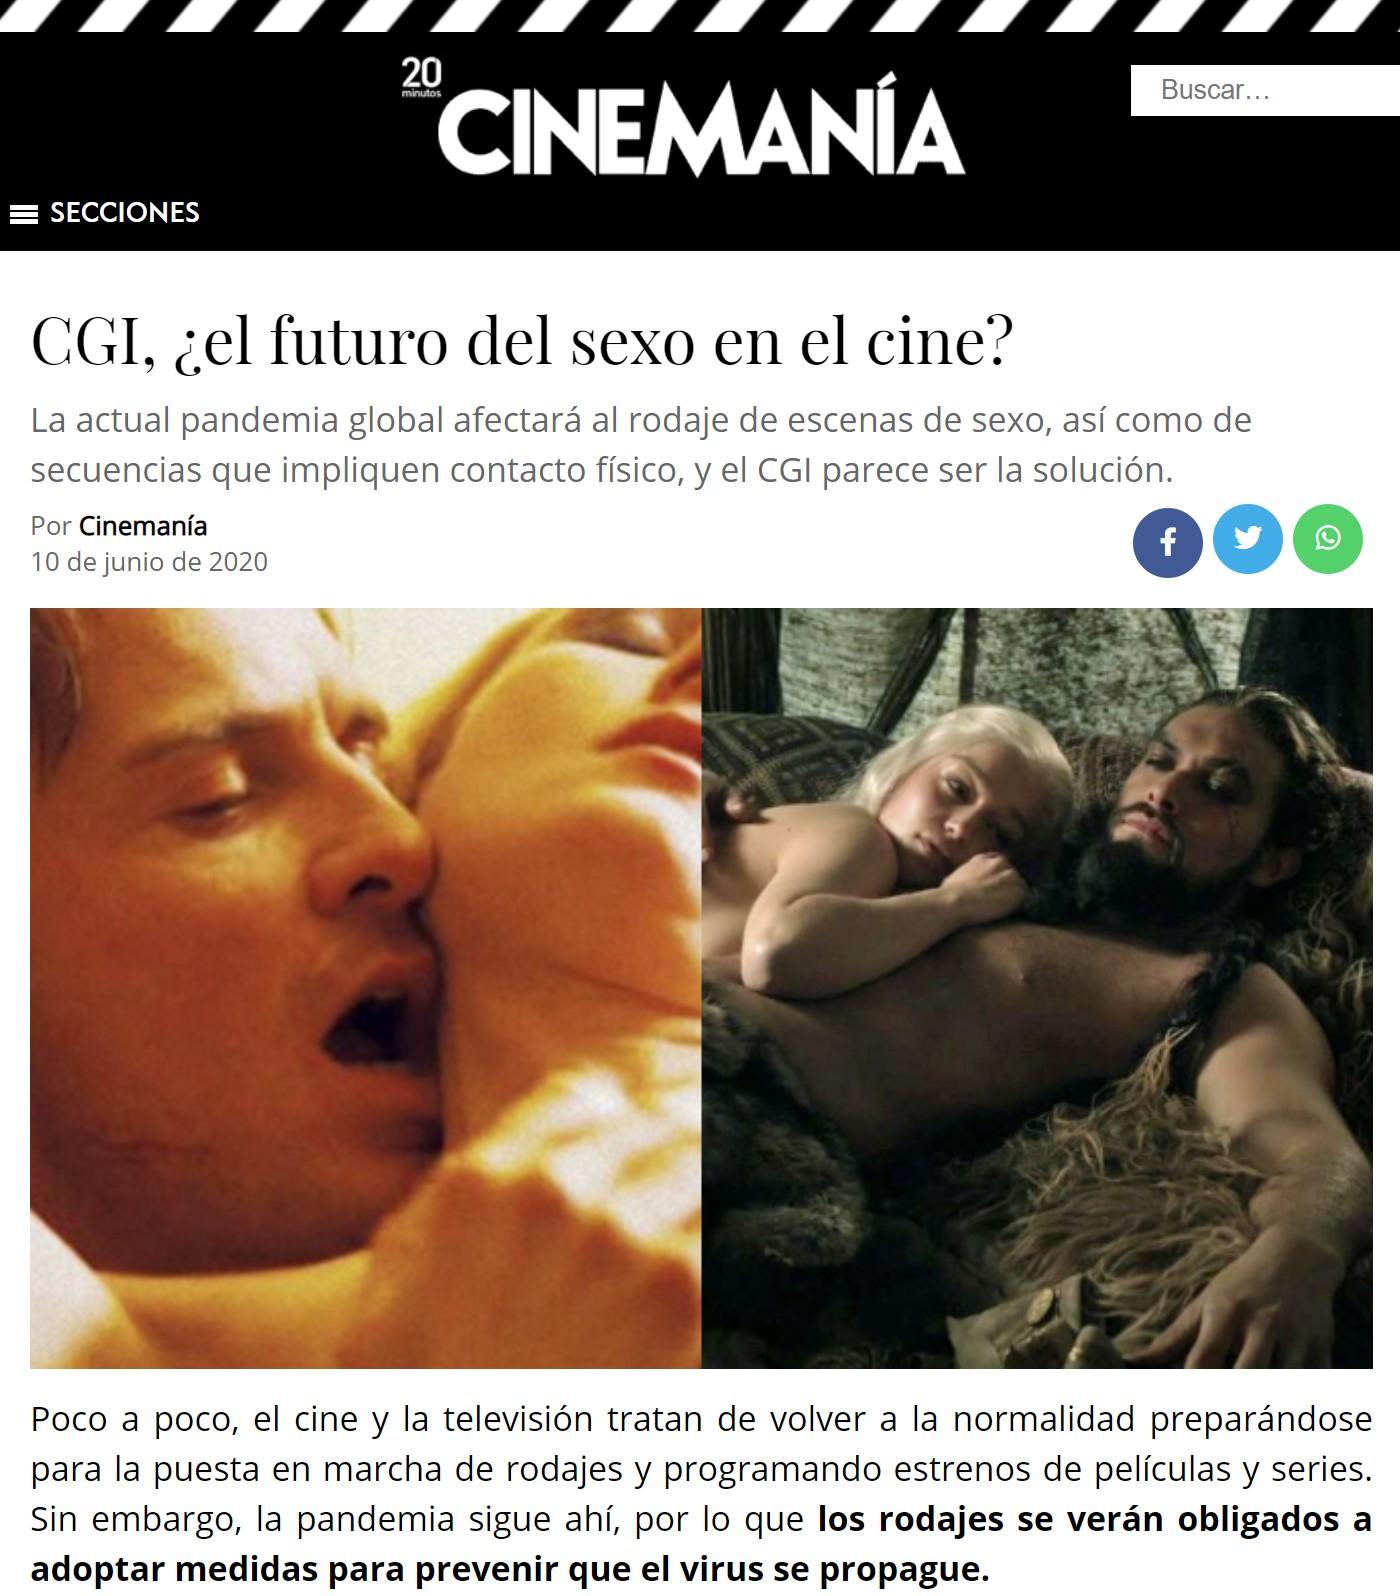 CGI, la nueva normalidad de los encuentros secsuales en el cine